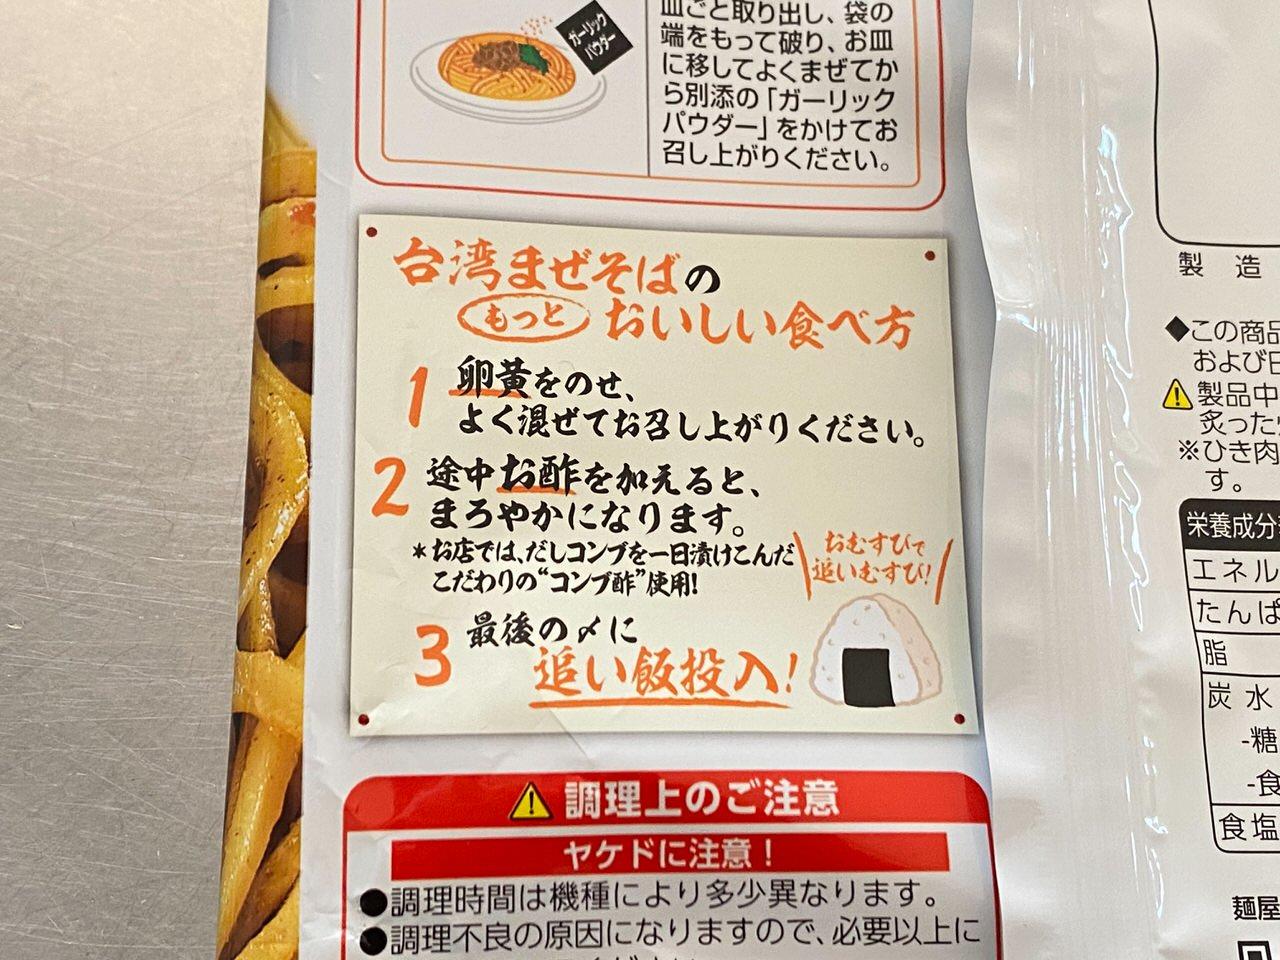 【ファミマ】「麺屋こころ監修 台湾まぜそば」 007 202103